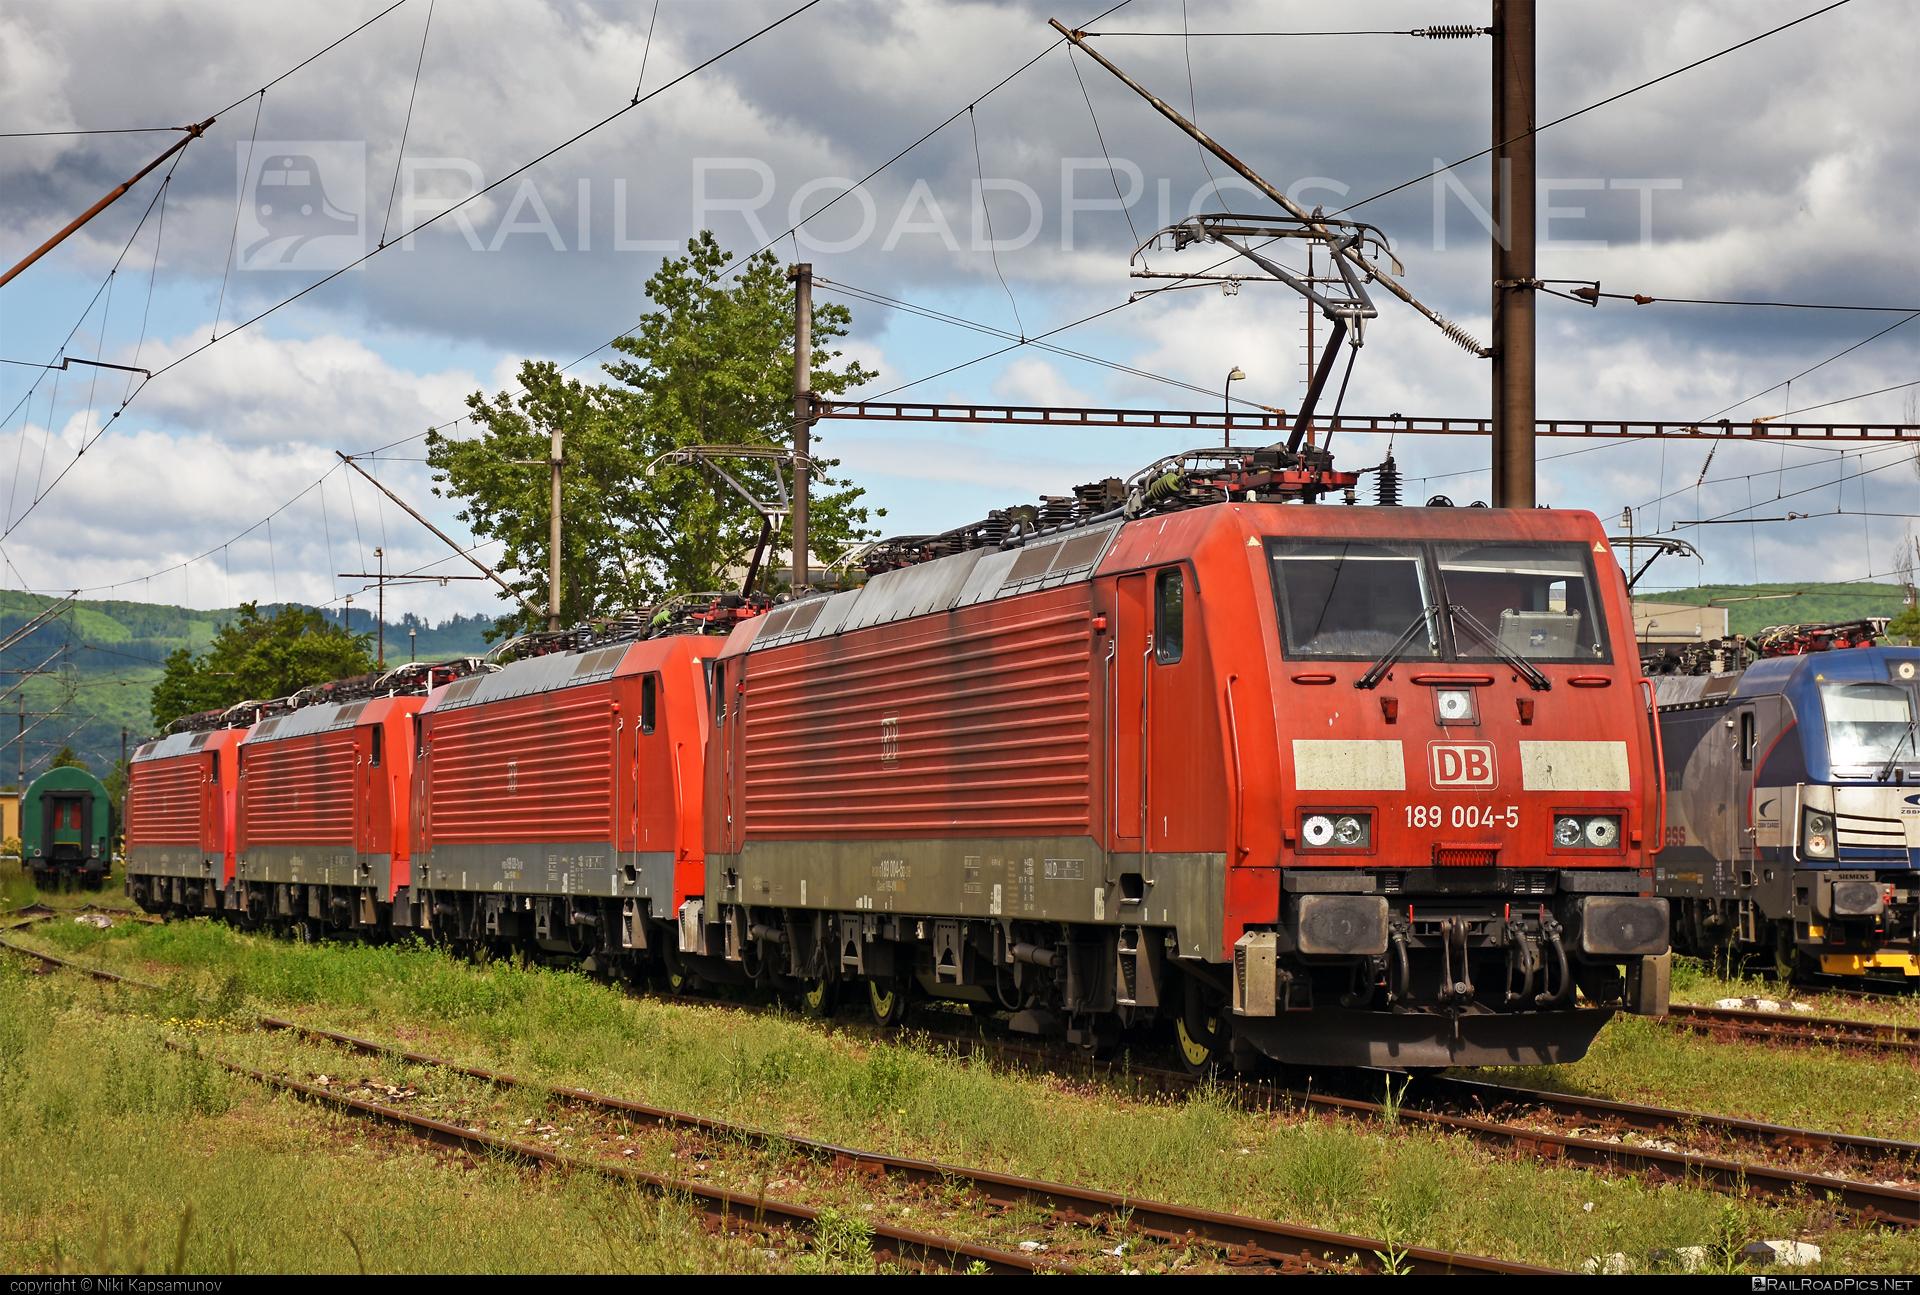 Siemens ES 64 F4 - 189 004-5 operated by DB Cargo AG #db #dbcargo #dbcargoag #deutschebahn #es64 #es64f4 #eurosprinter #siemens #siemenses64 #siemenses64f4